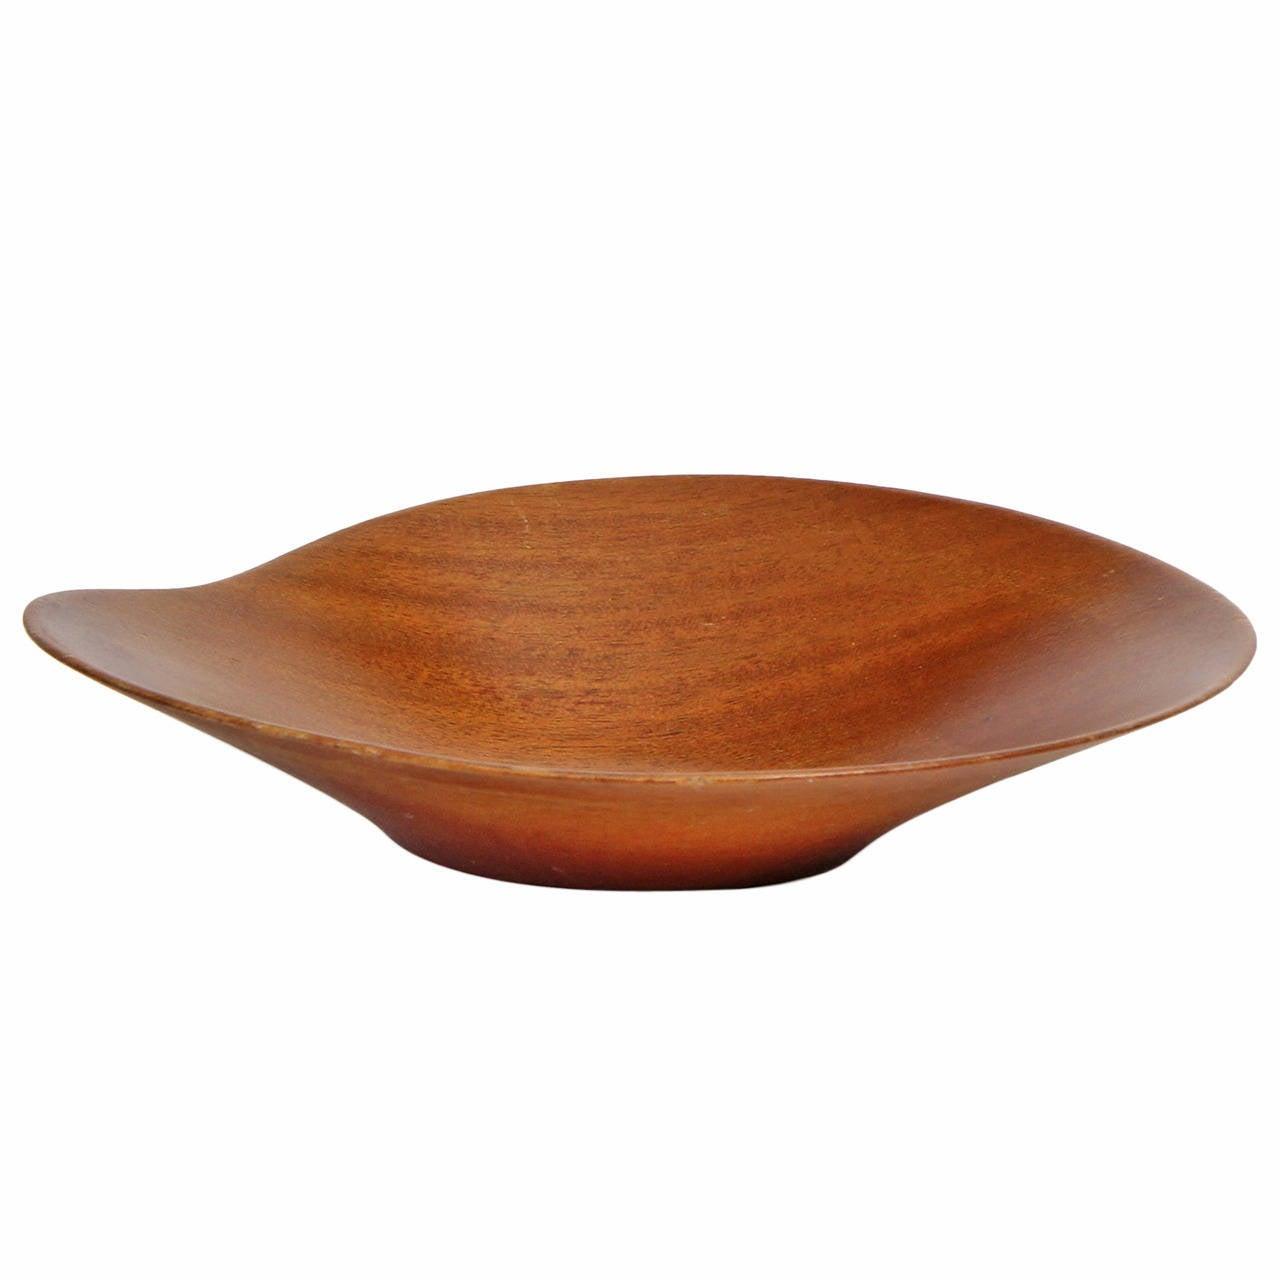 Mahogany Bowl by Rude Osolnik